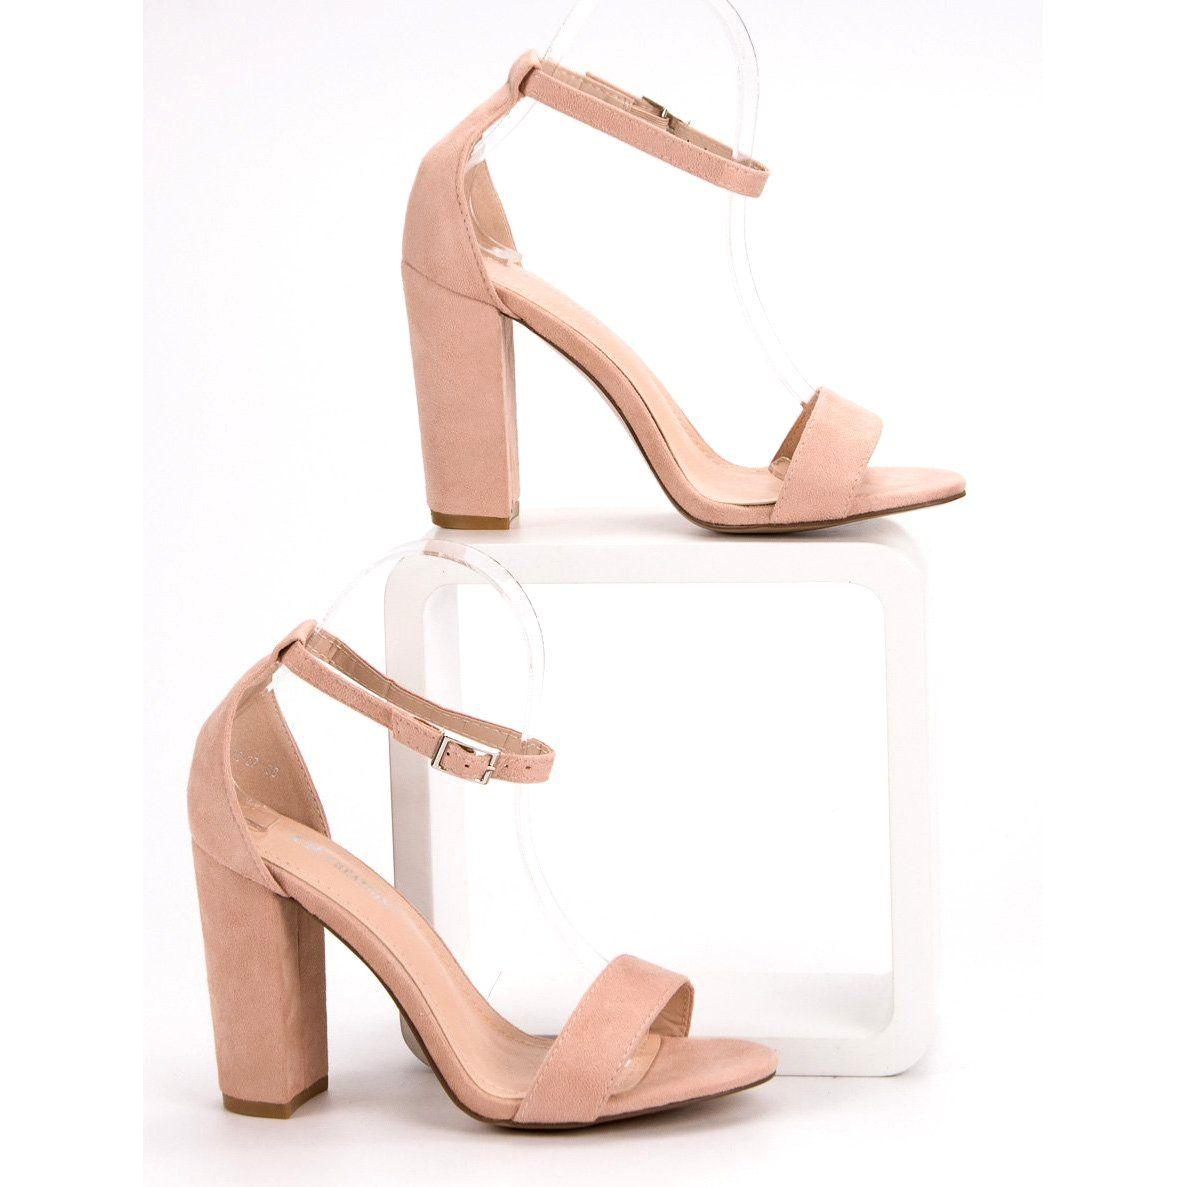 Ch Creation Rozowe Sandaly Na Slupku Zapatos